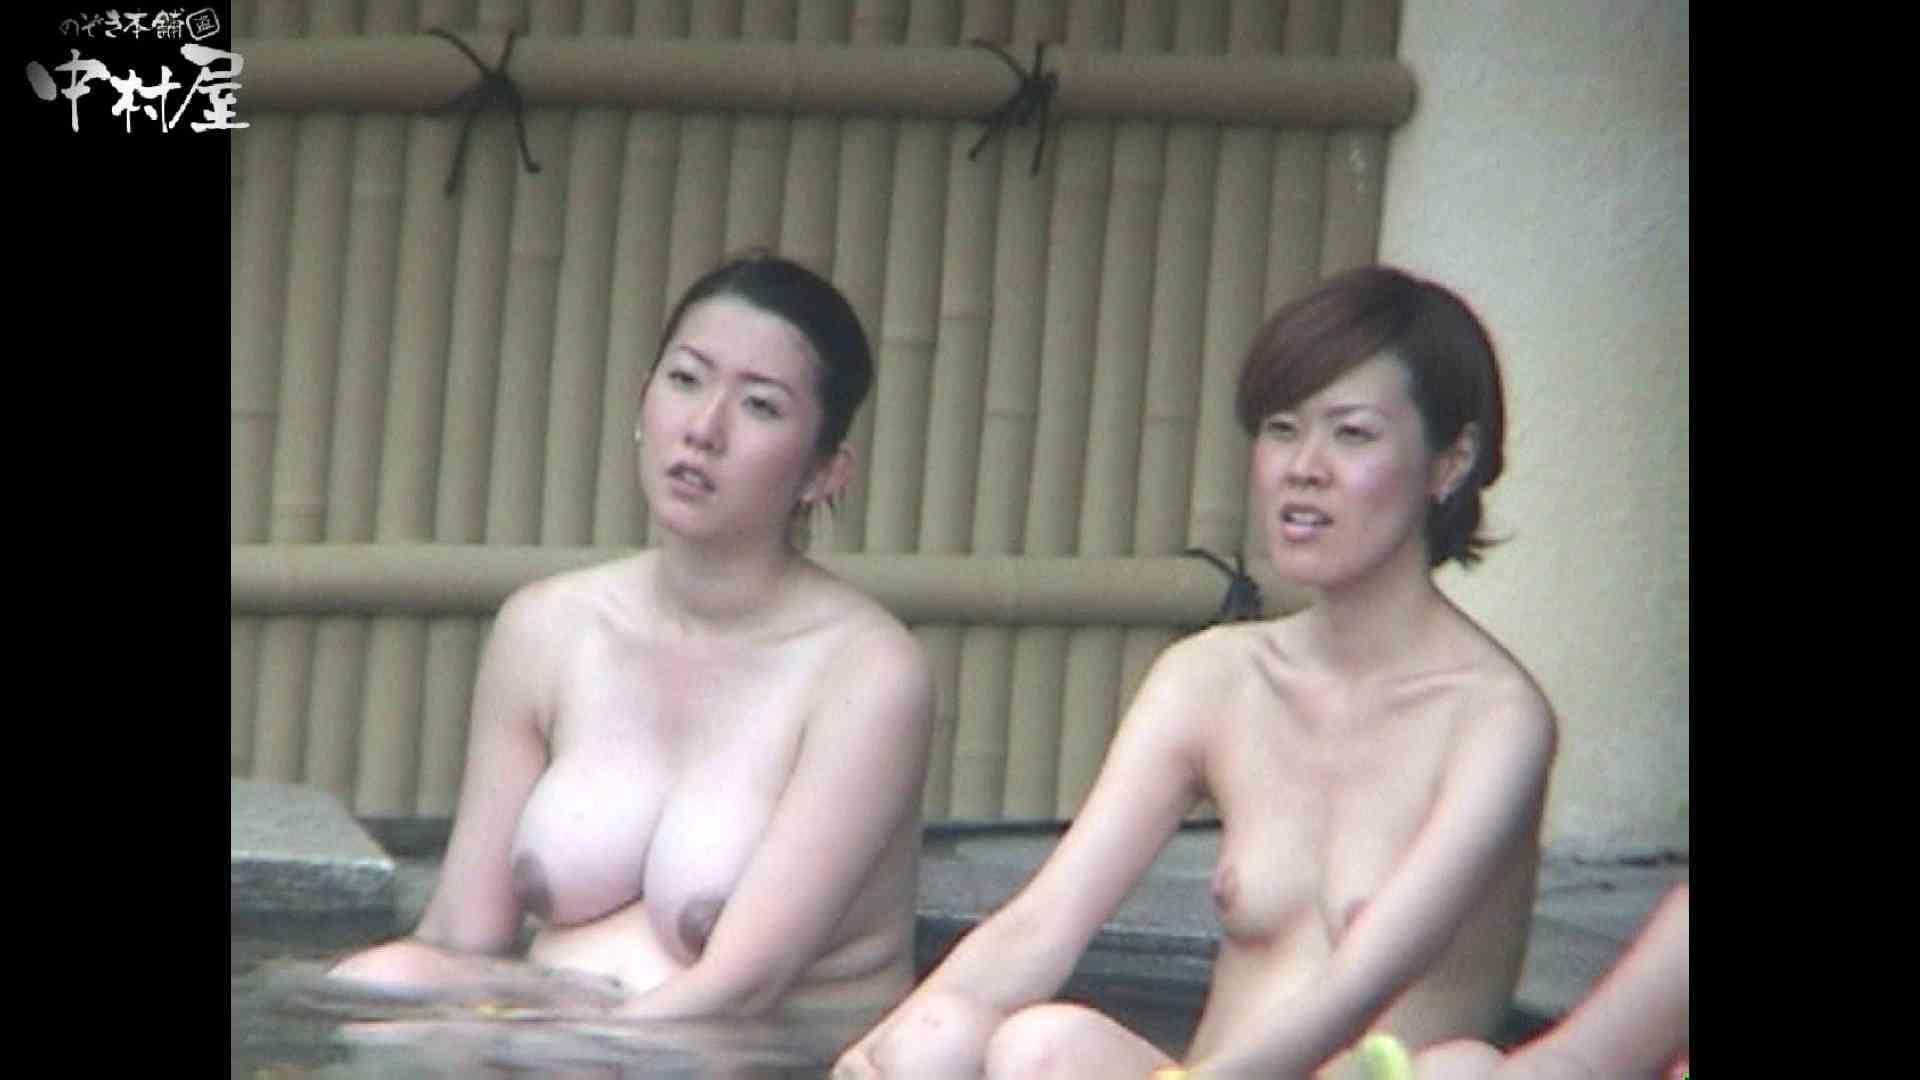 Aquaな露天風呂Vol.961 盗撮 スケベ動画紹介 104連発 23